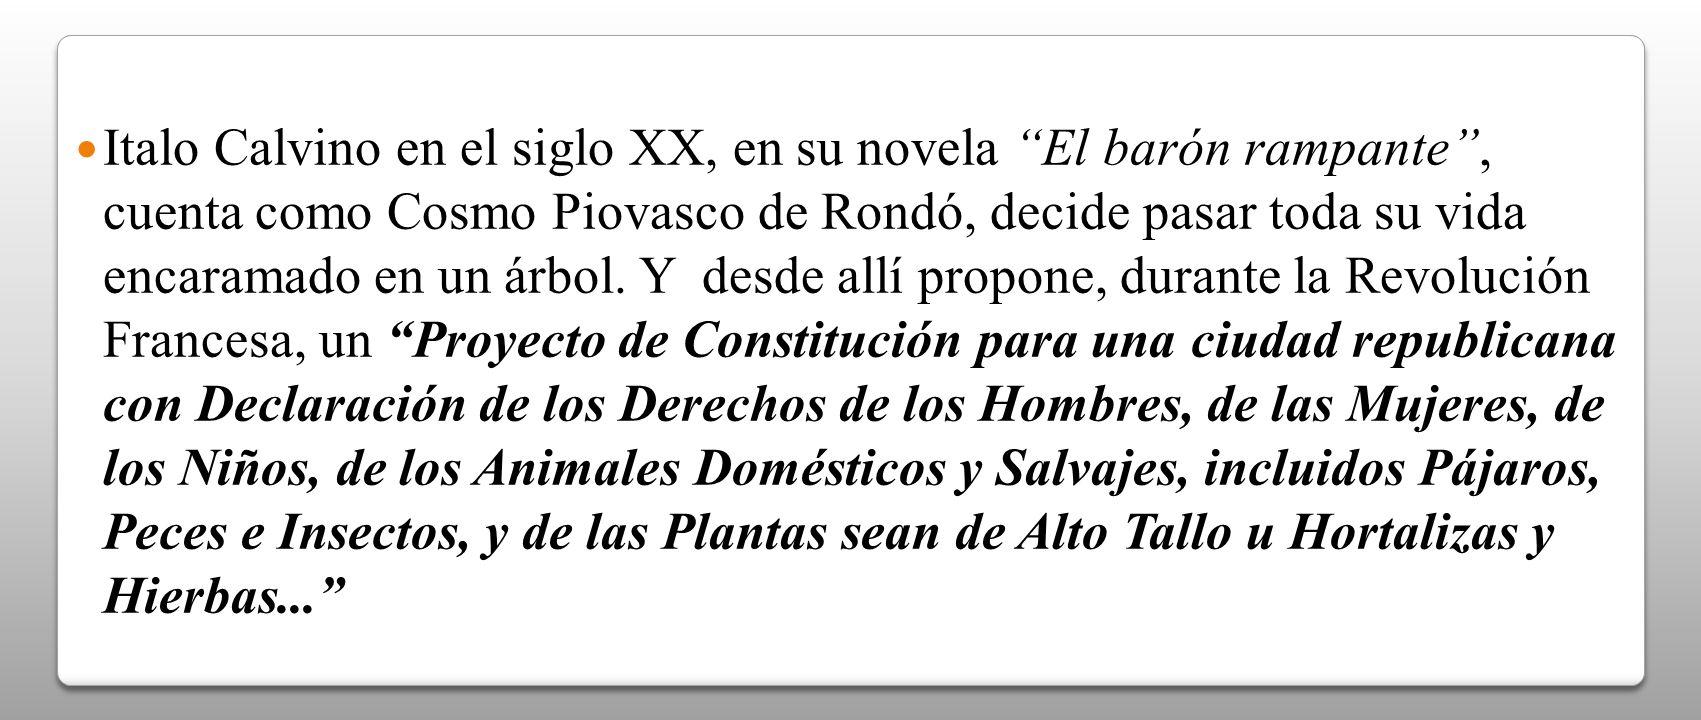 Italo Calvino en el siglo XX, en su novela El barón rampante, cuenta como Cosmo Piovasco de Rondó, decide pasar toda su vida encaramado en un árbol. Y